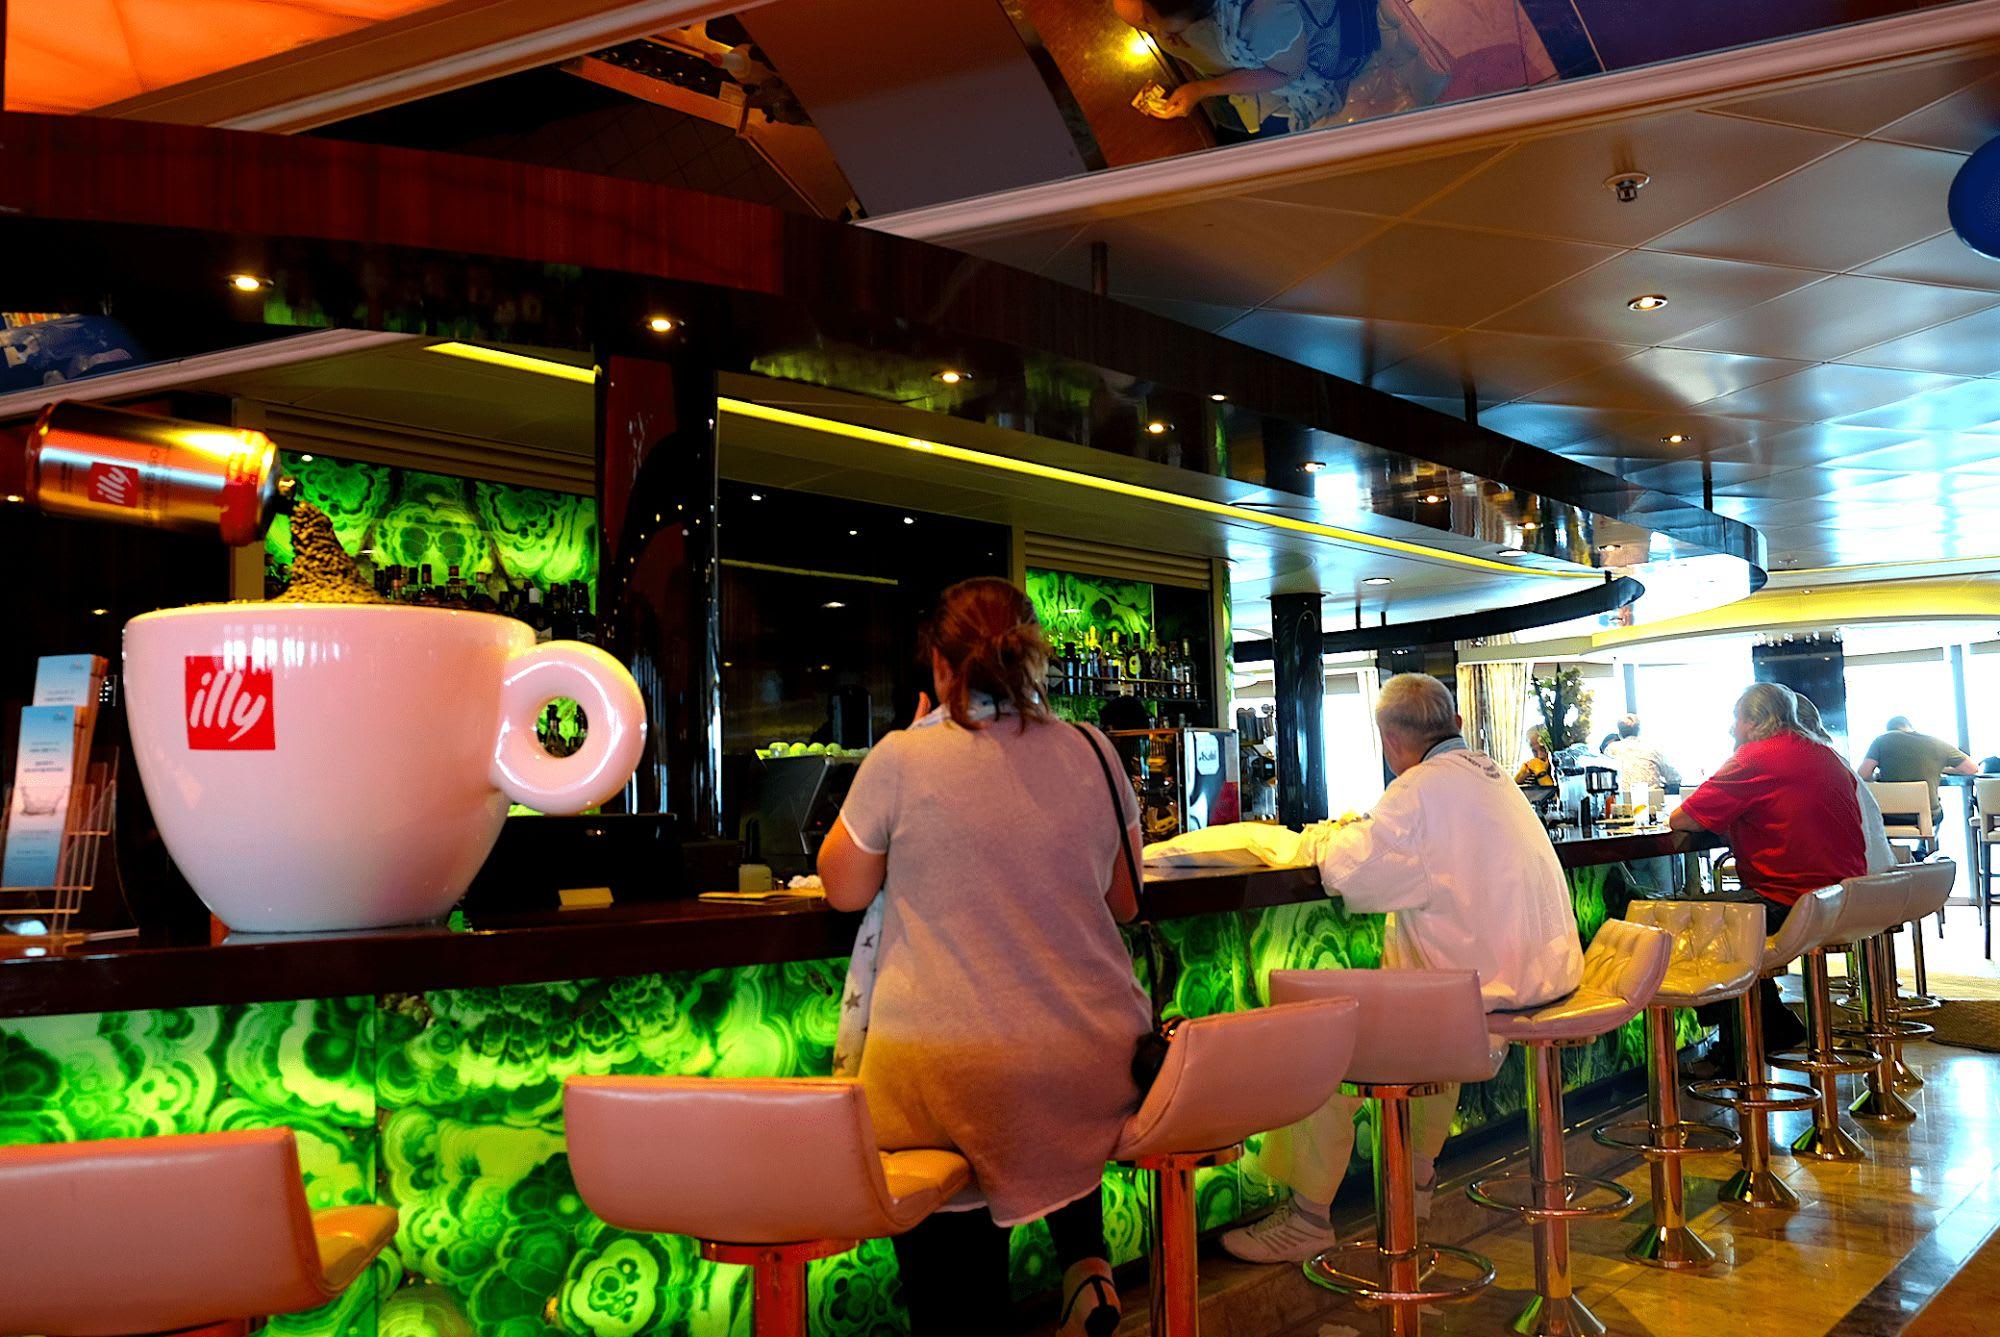 昼間でも人が集まり、コーヒーやお酒片手に話がいつも盛り上がっています。